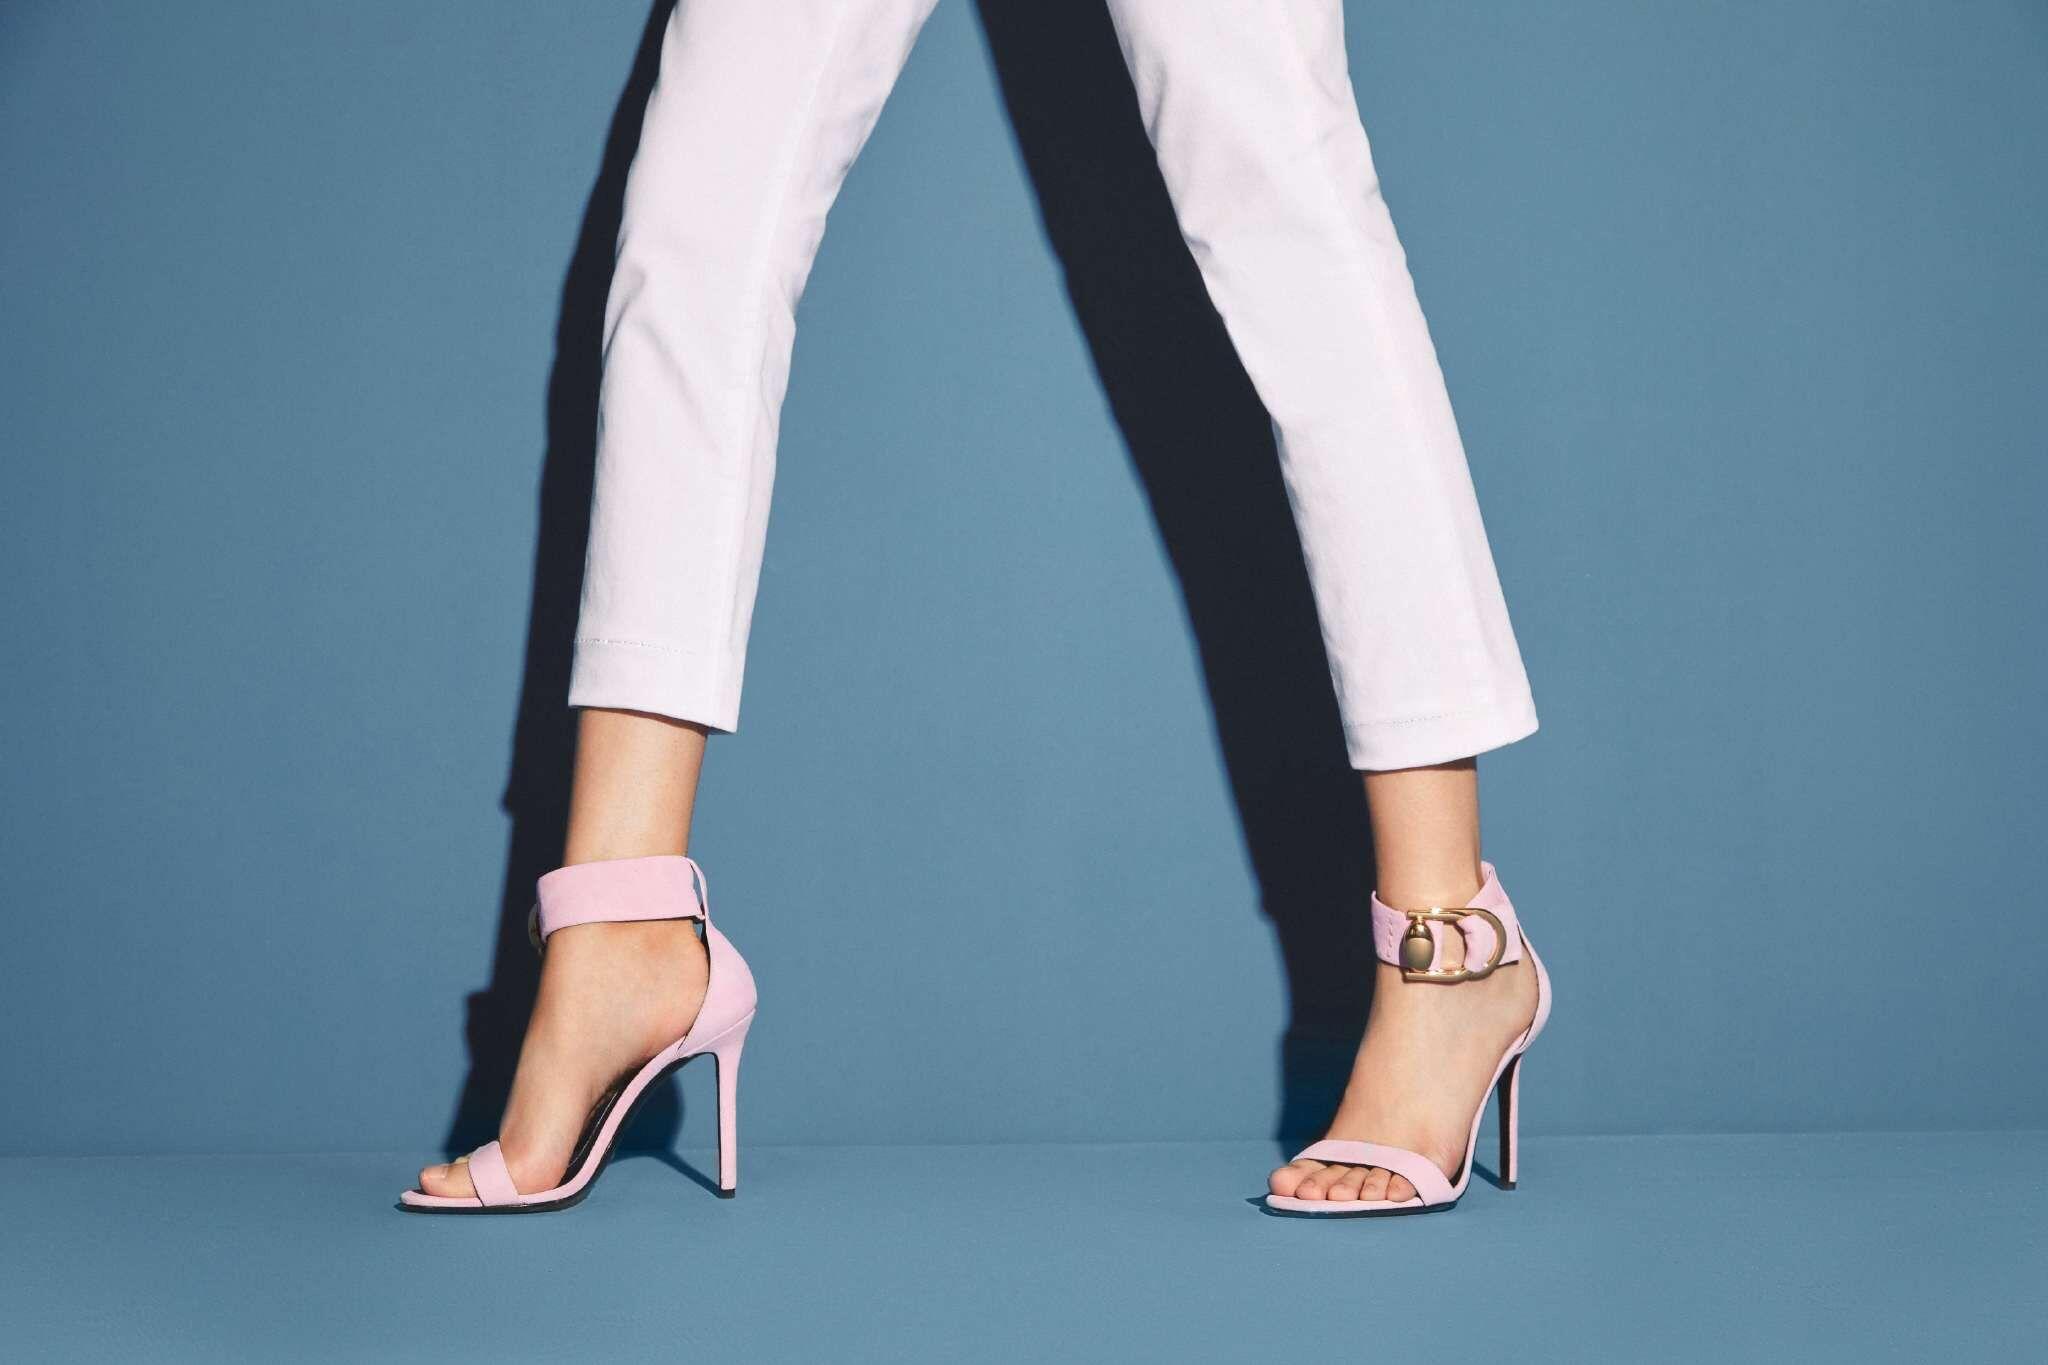 品牌女鞋不断涌入市场 迪欧摩尼时尚品牌立于不败之地